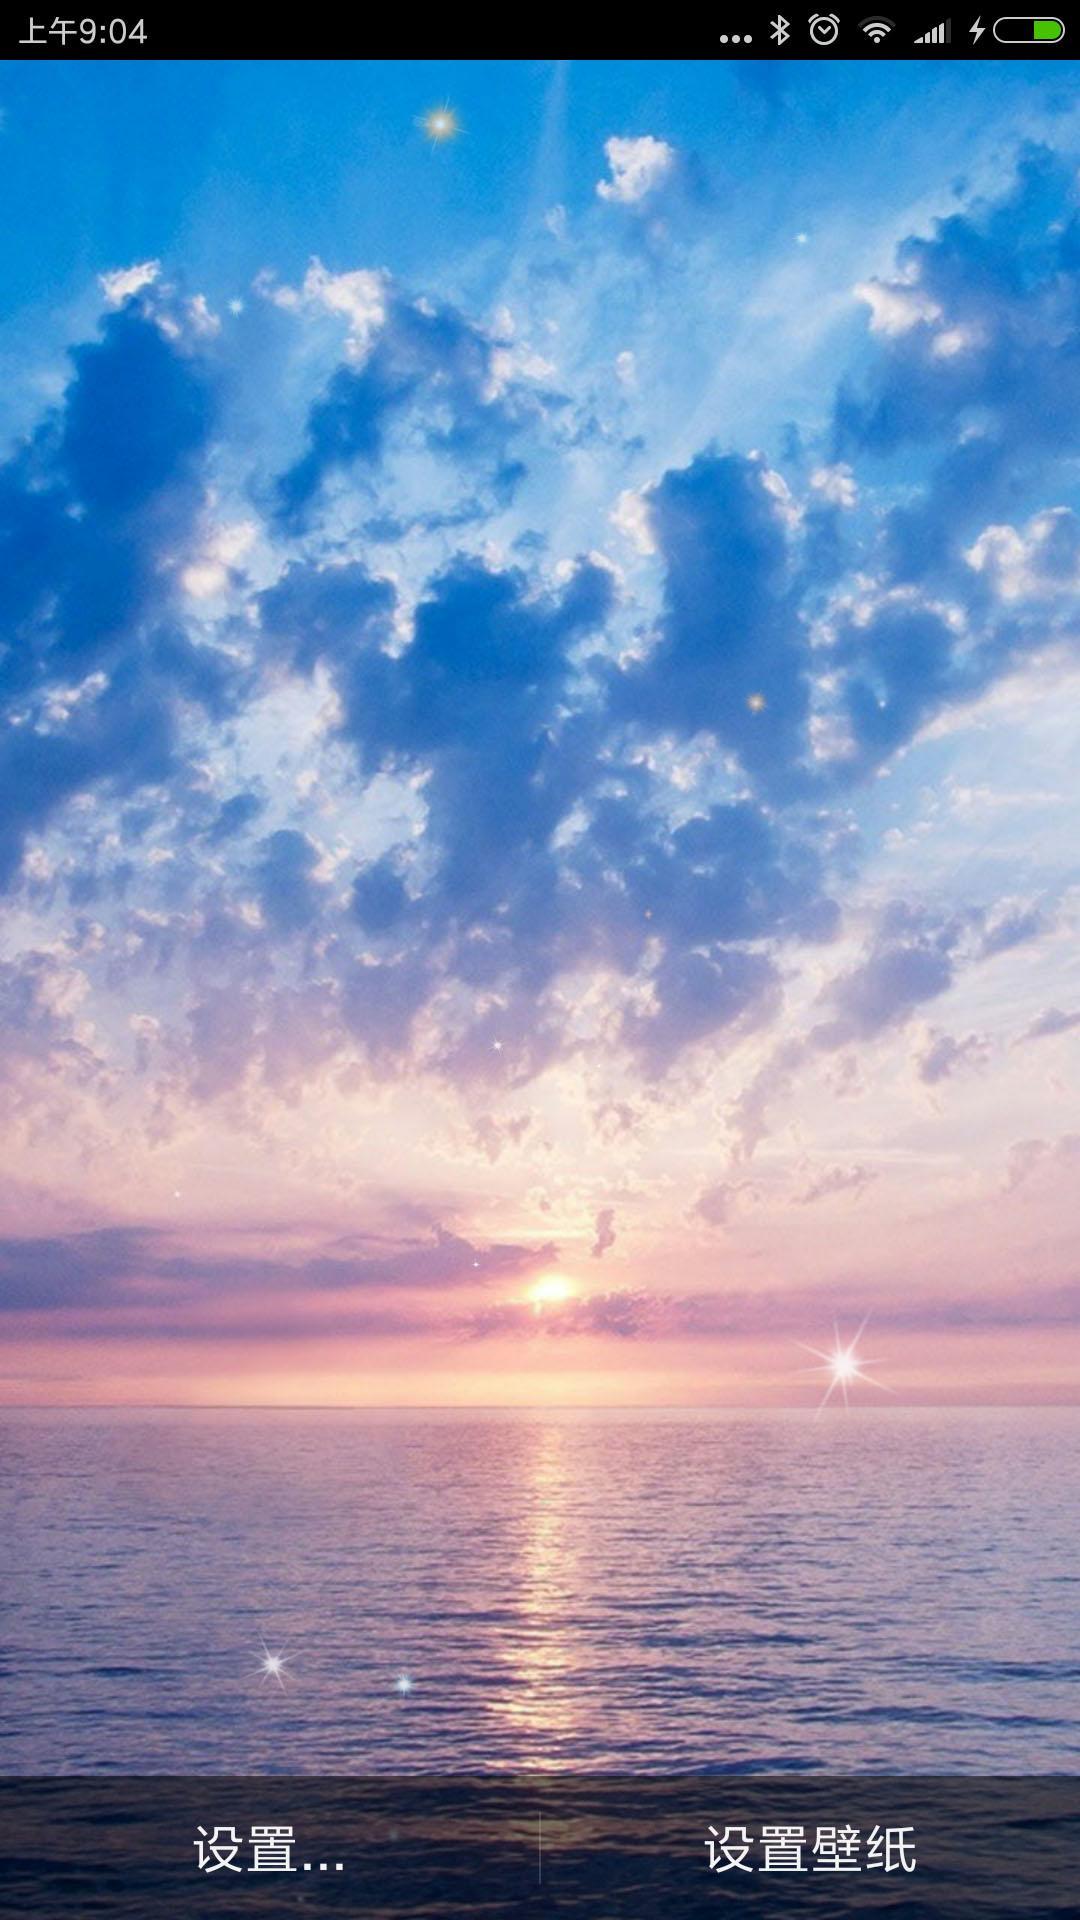 動感海洋风景图片大全